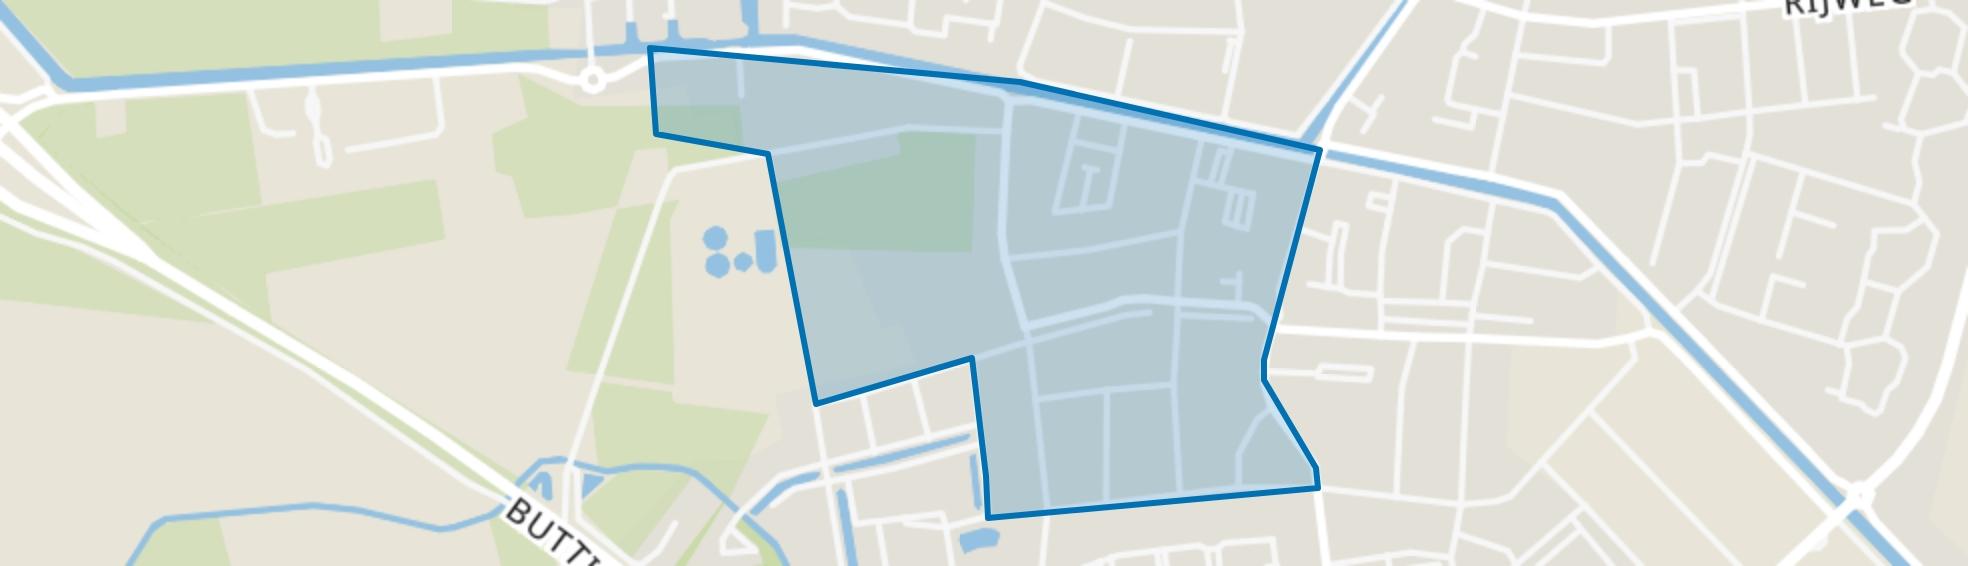 Oosterwolde-Duistereweg, Oosterwolde (FR) map